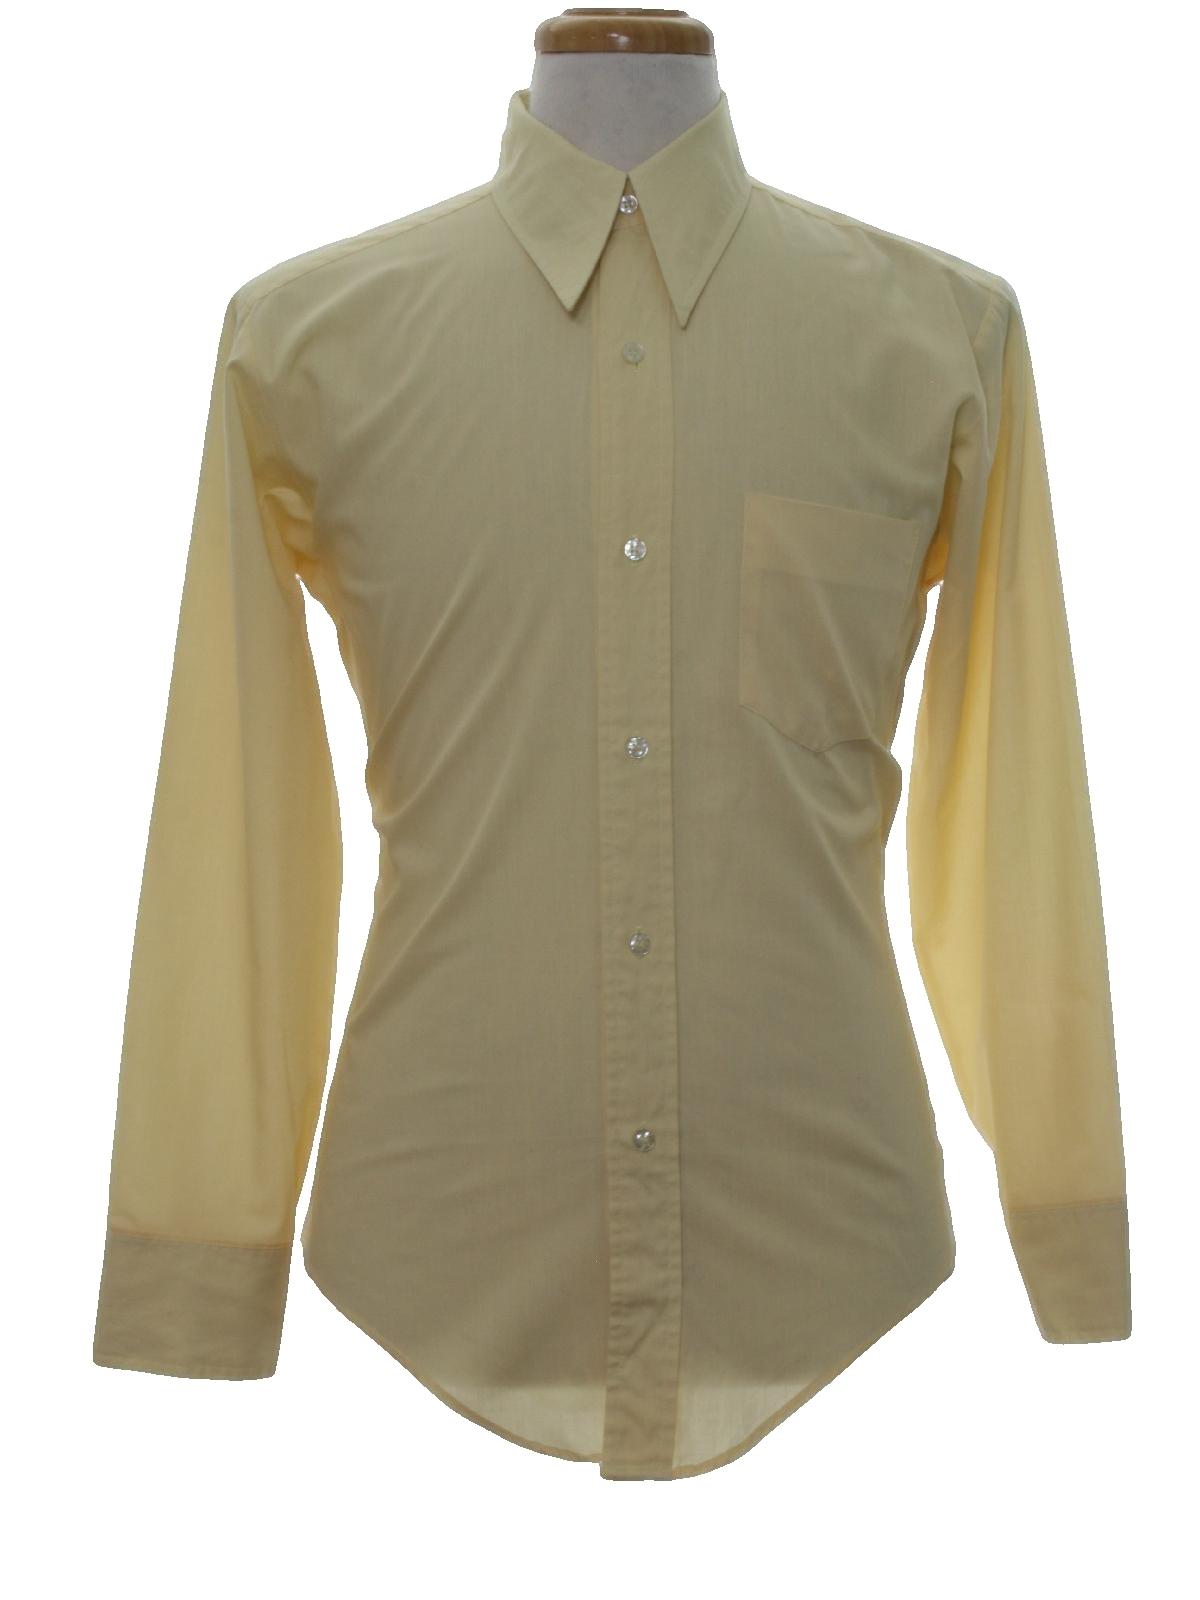 Vintage Bud Berma Seventies Shirt 70s Bud Berma Mens